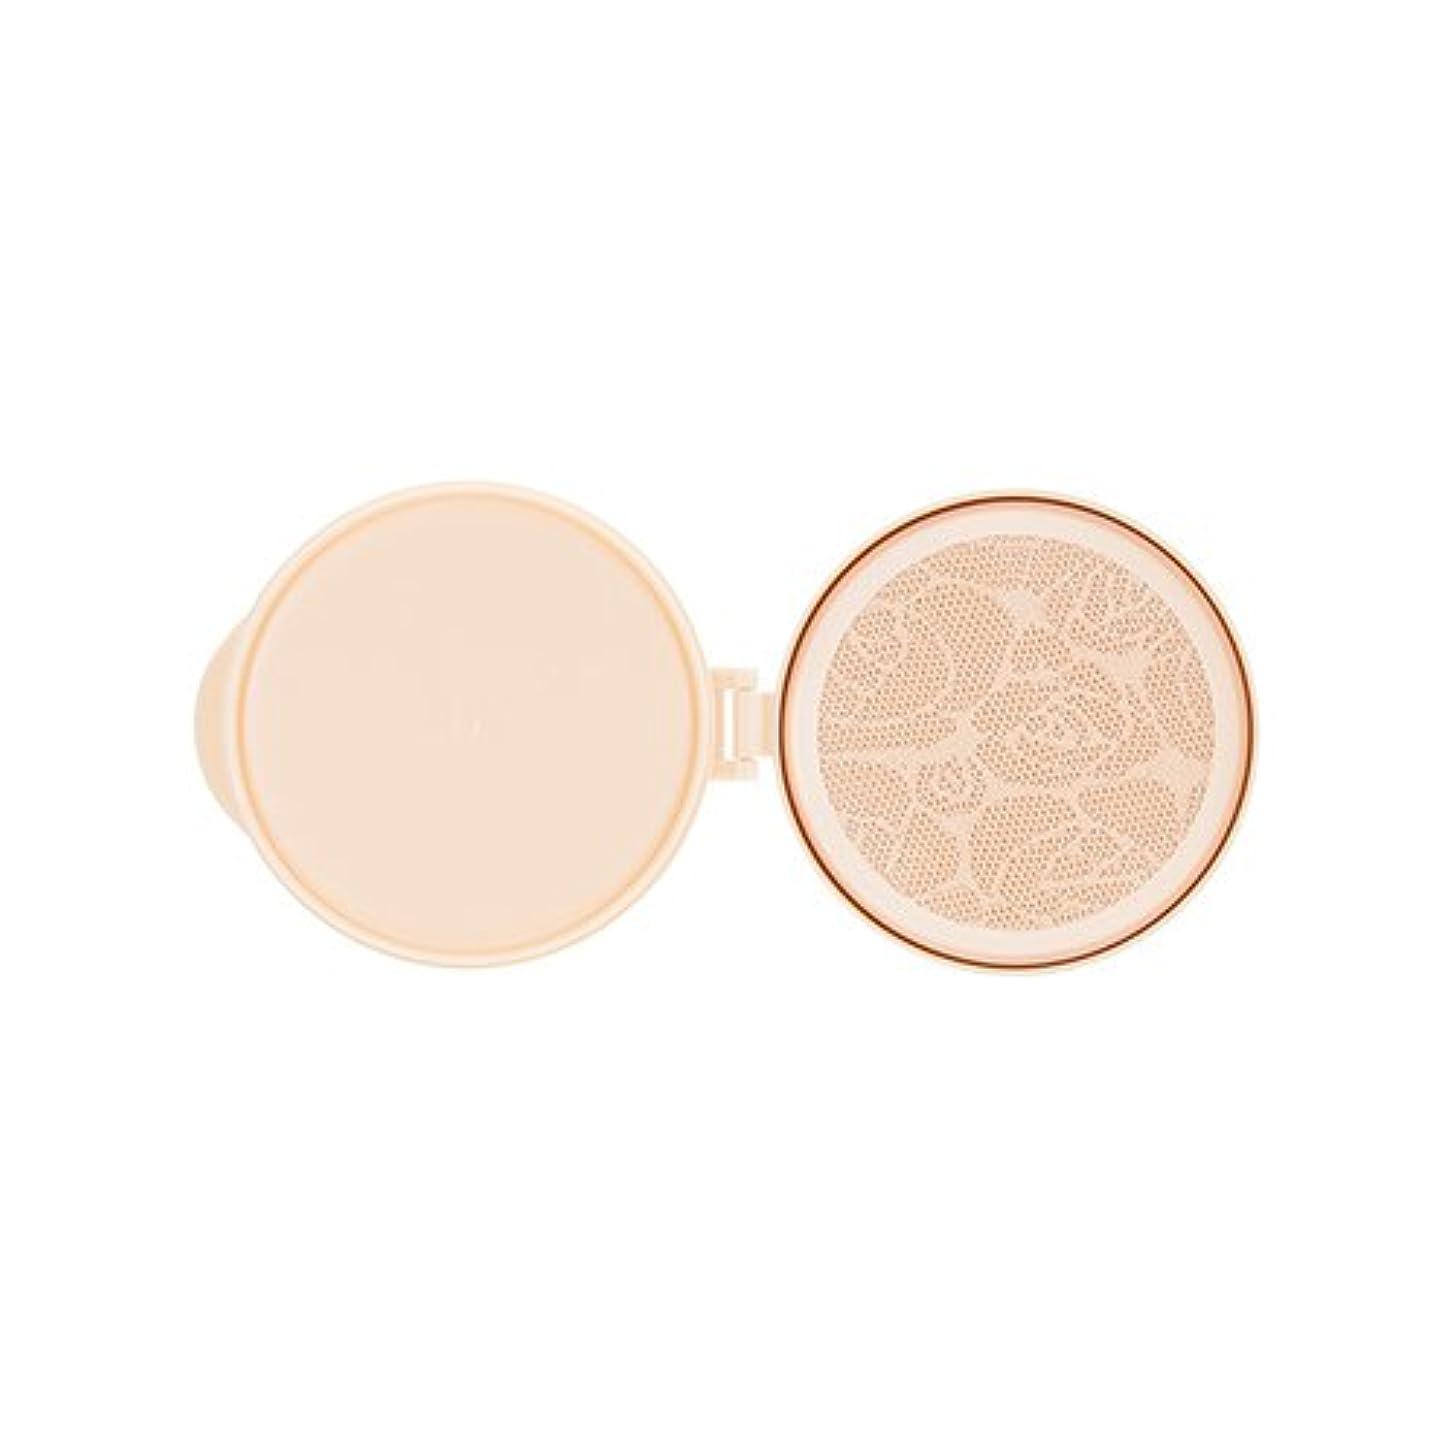 湿気の多いリレーペース[New] MISSHA Misa Geumseol Tension Pact [Refill] 17g/ミシャ 美思 金雪(クムソル) テンション パクト [リフィル] 17g (#2 Soft Light) [並行輸入品]